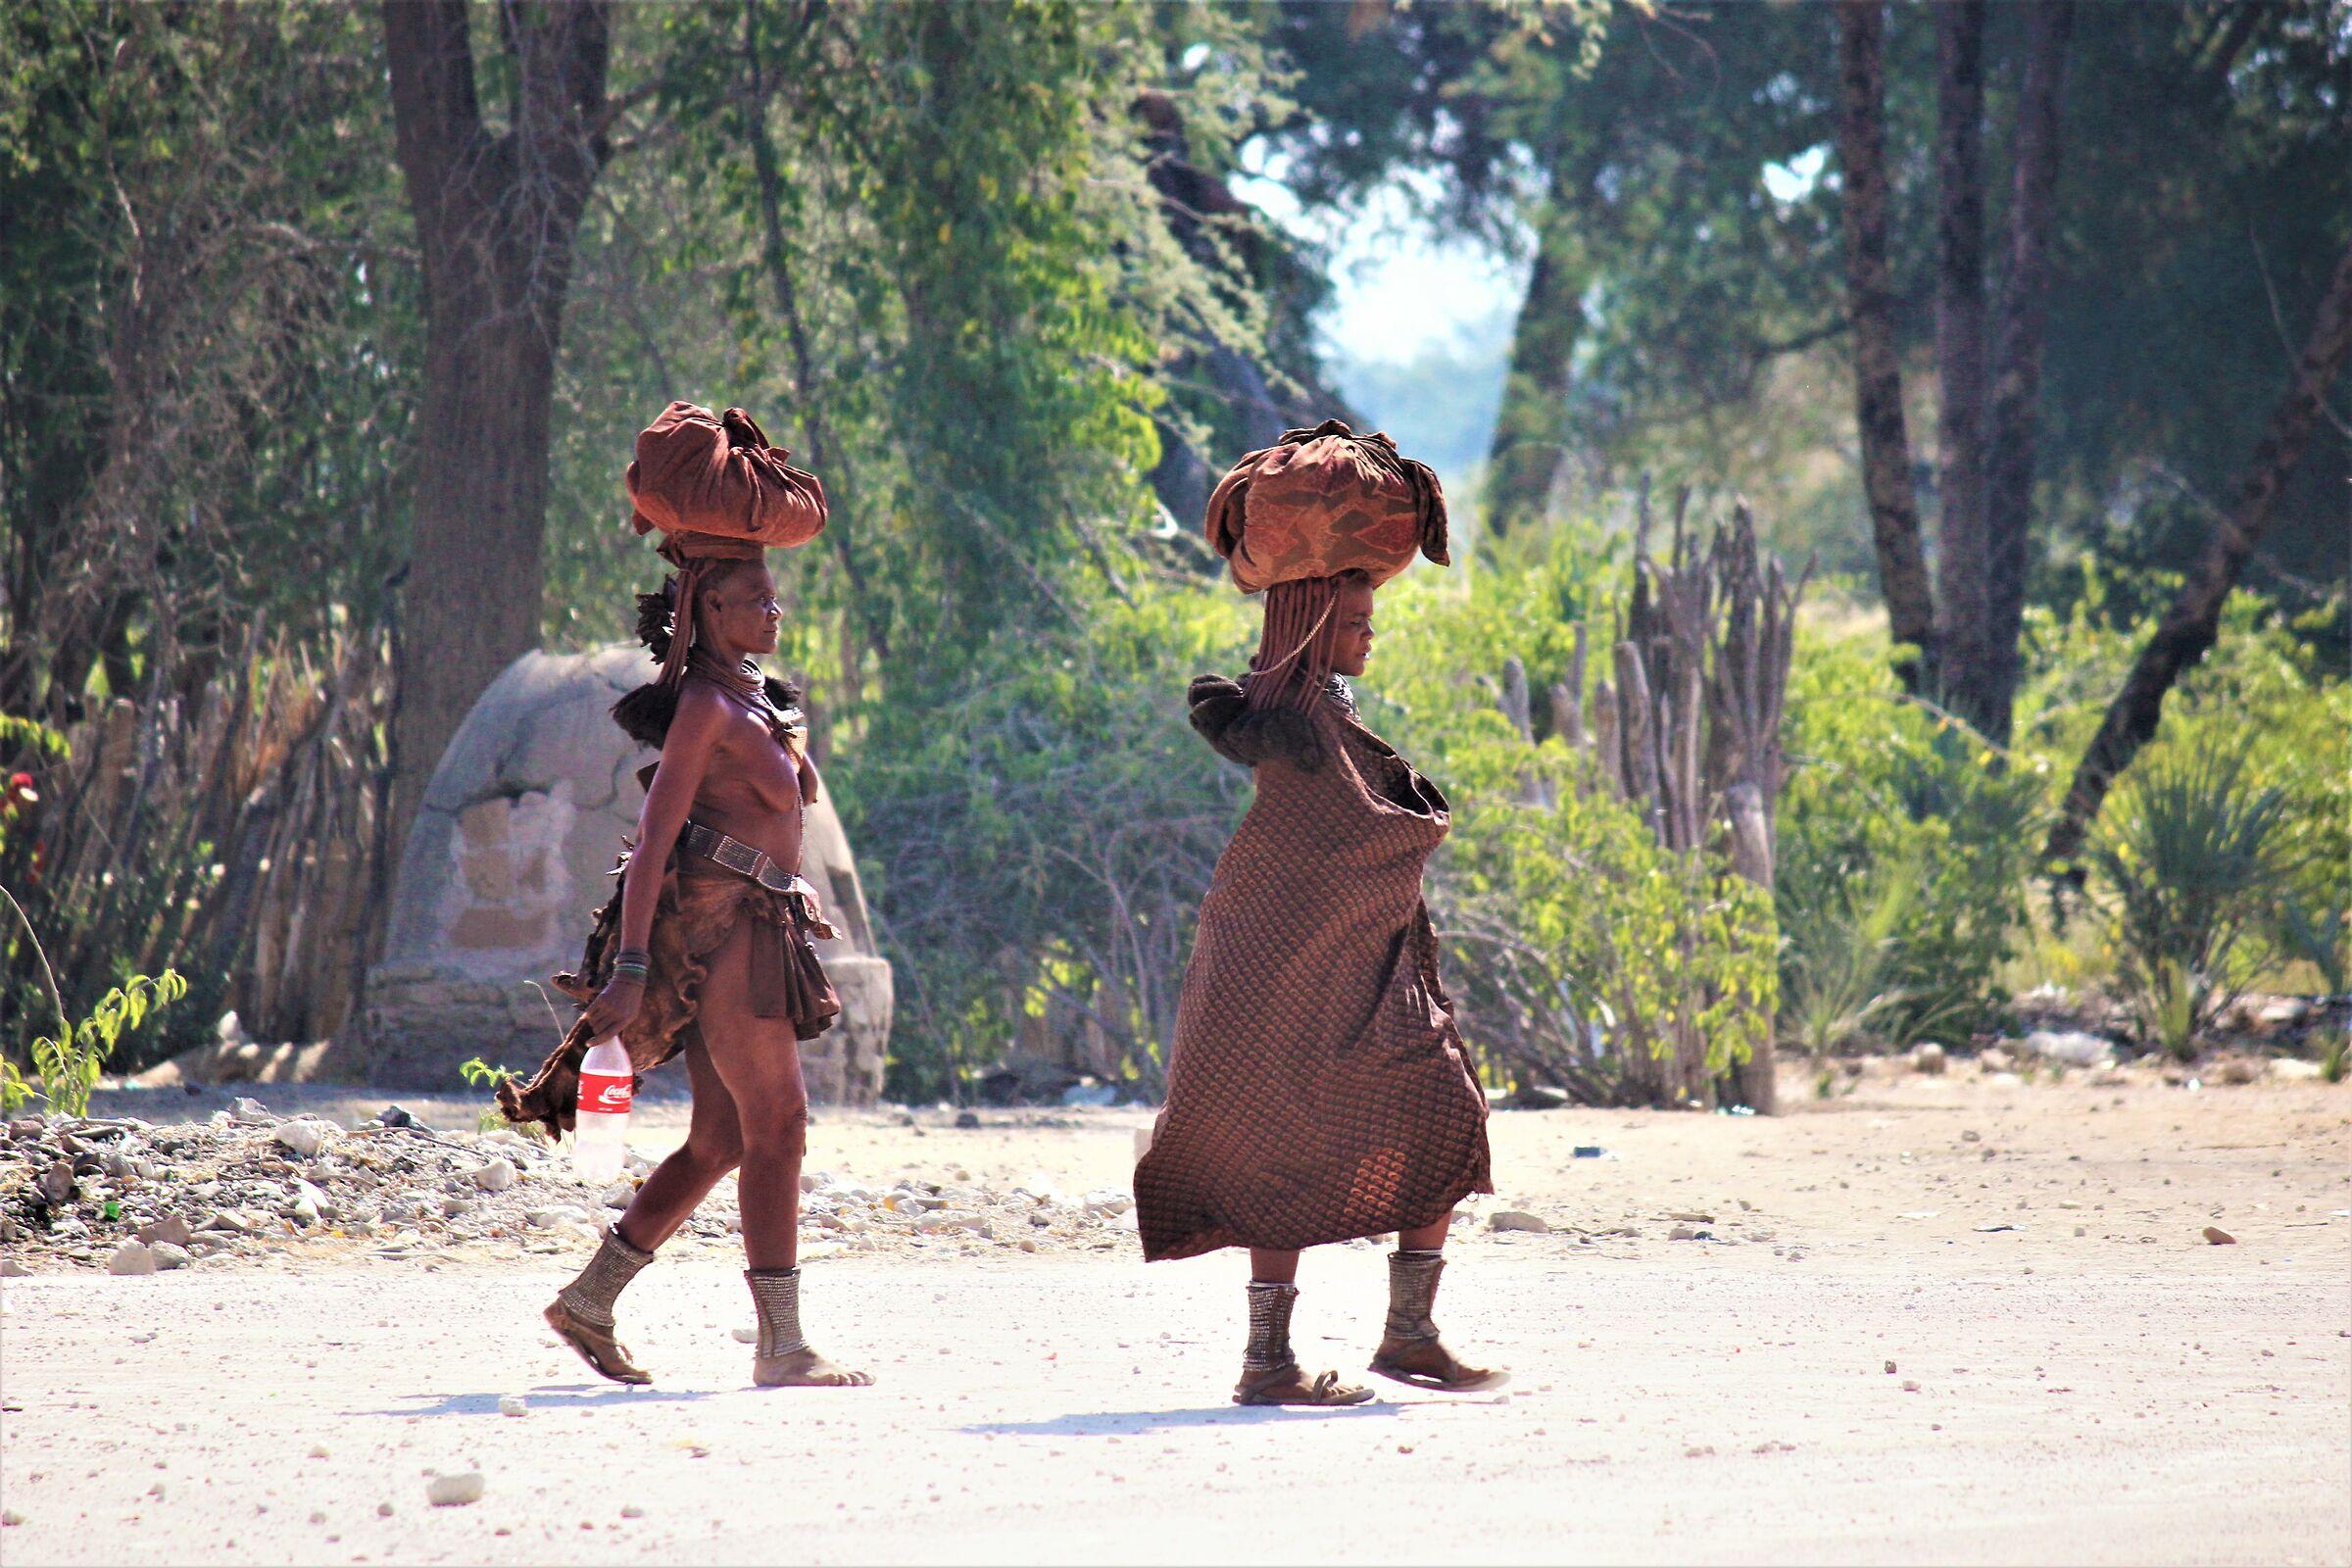 On a dusty road in Kaokoland II...